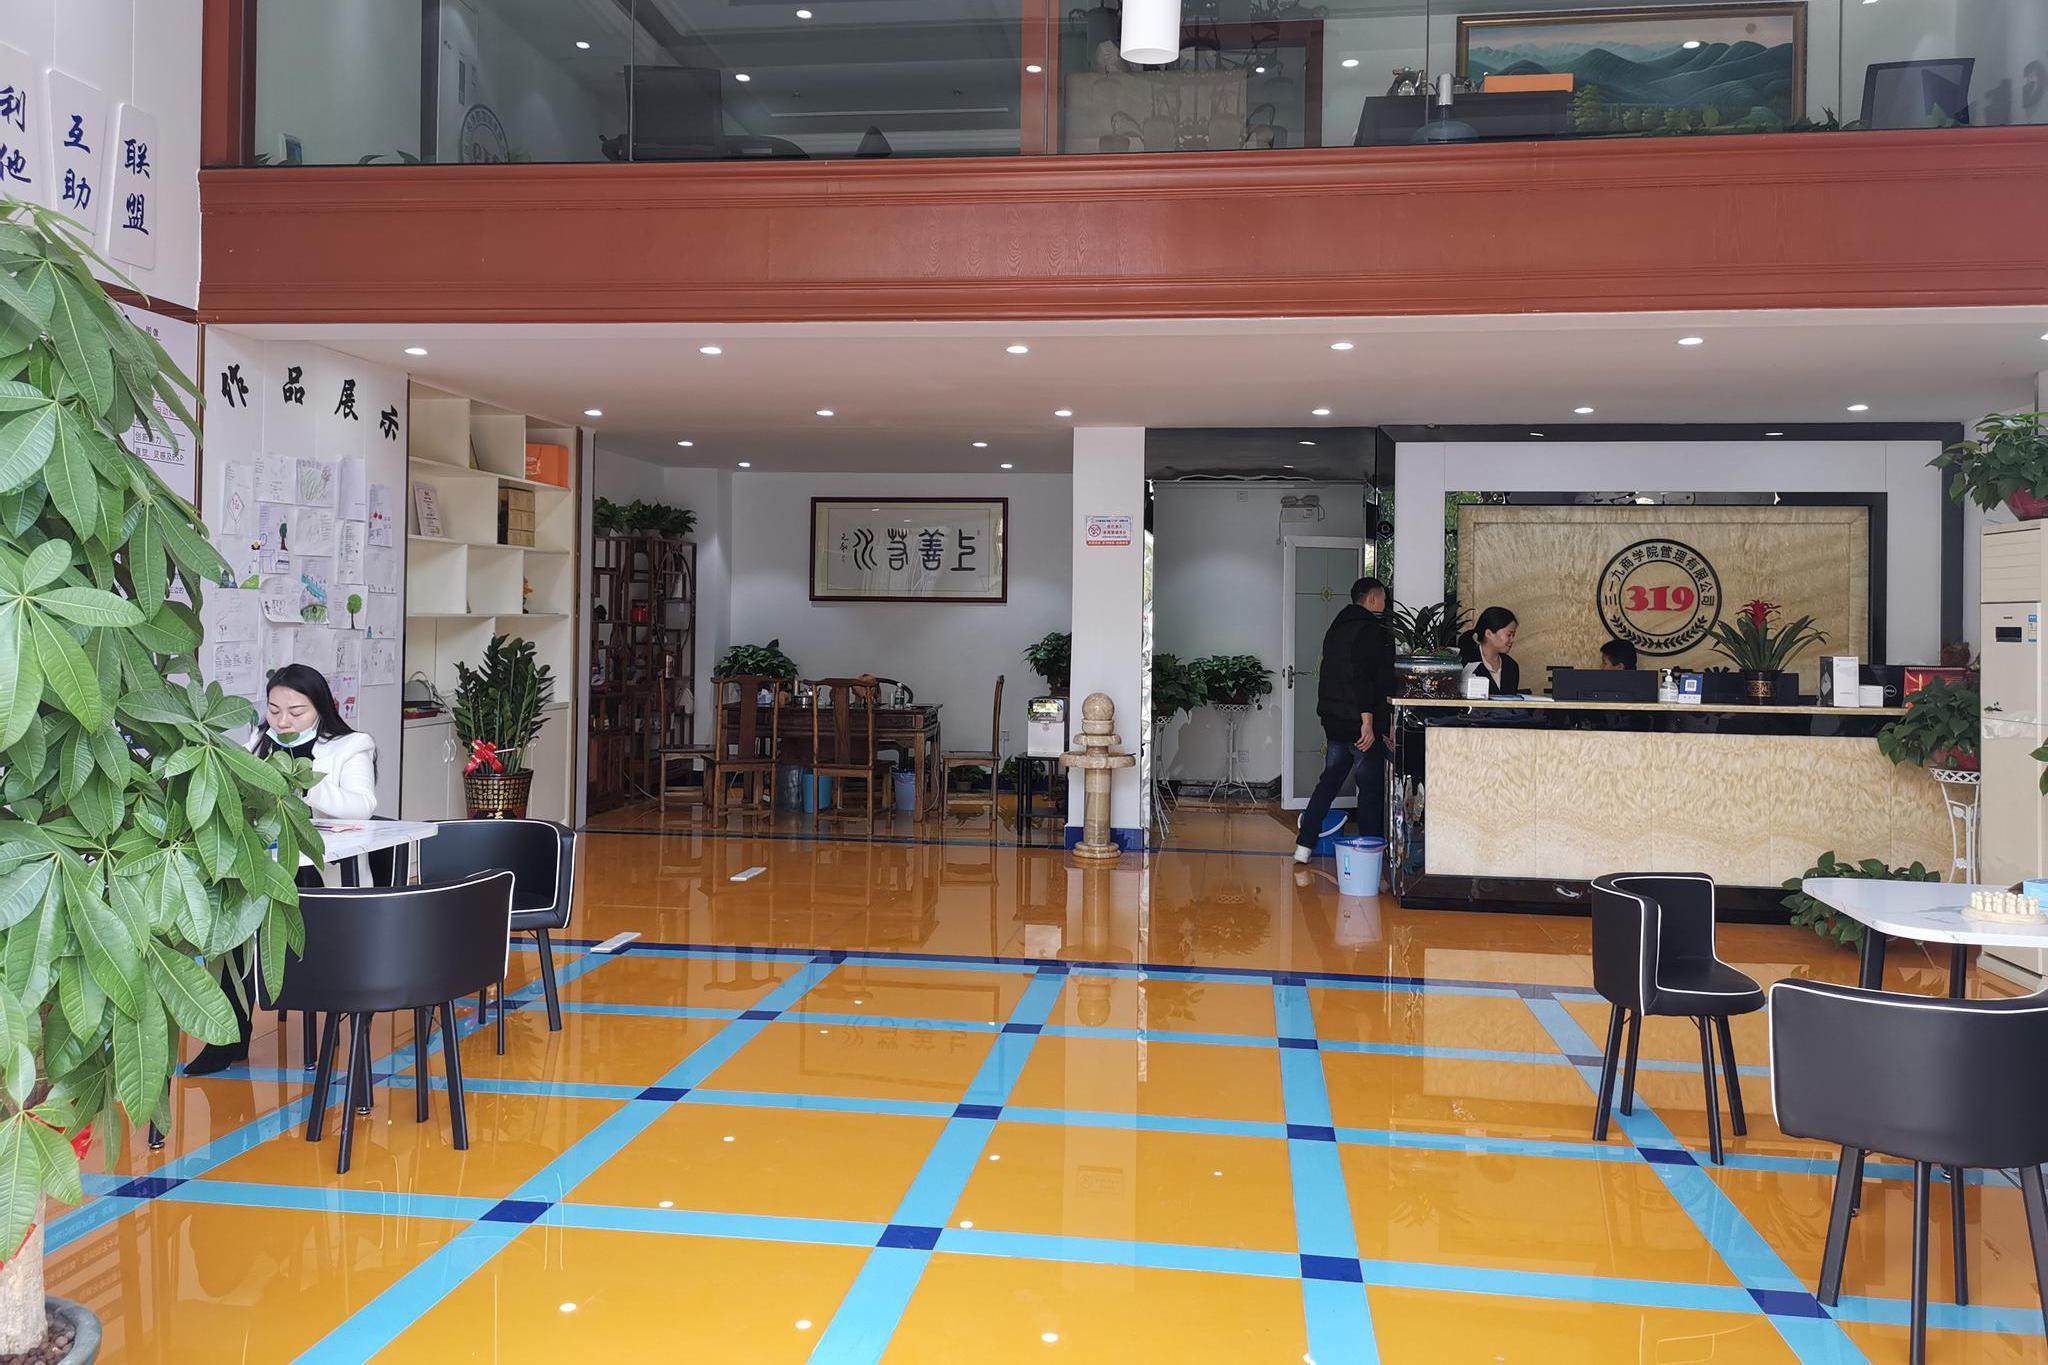 广州319商学院,不可错过的千亿商机,加盟就送5万大礼包